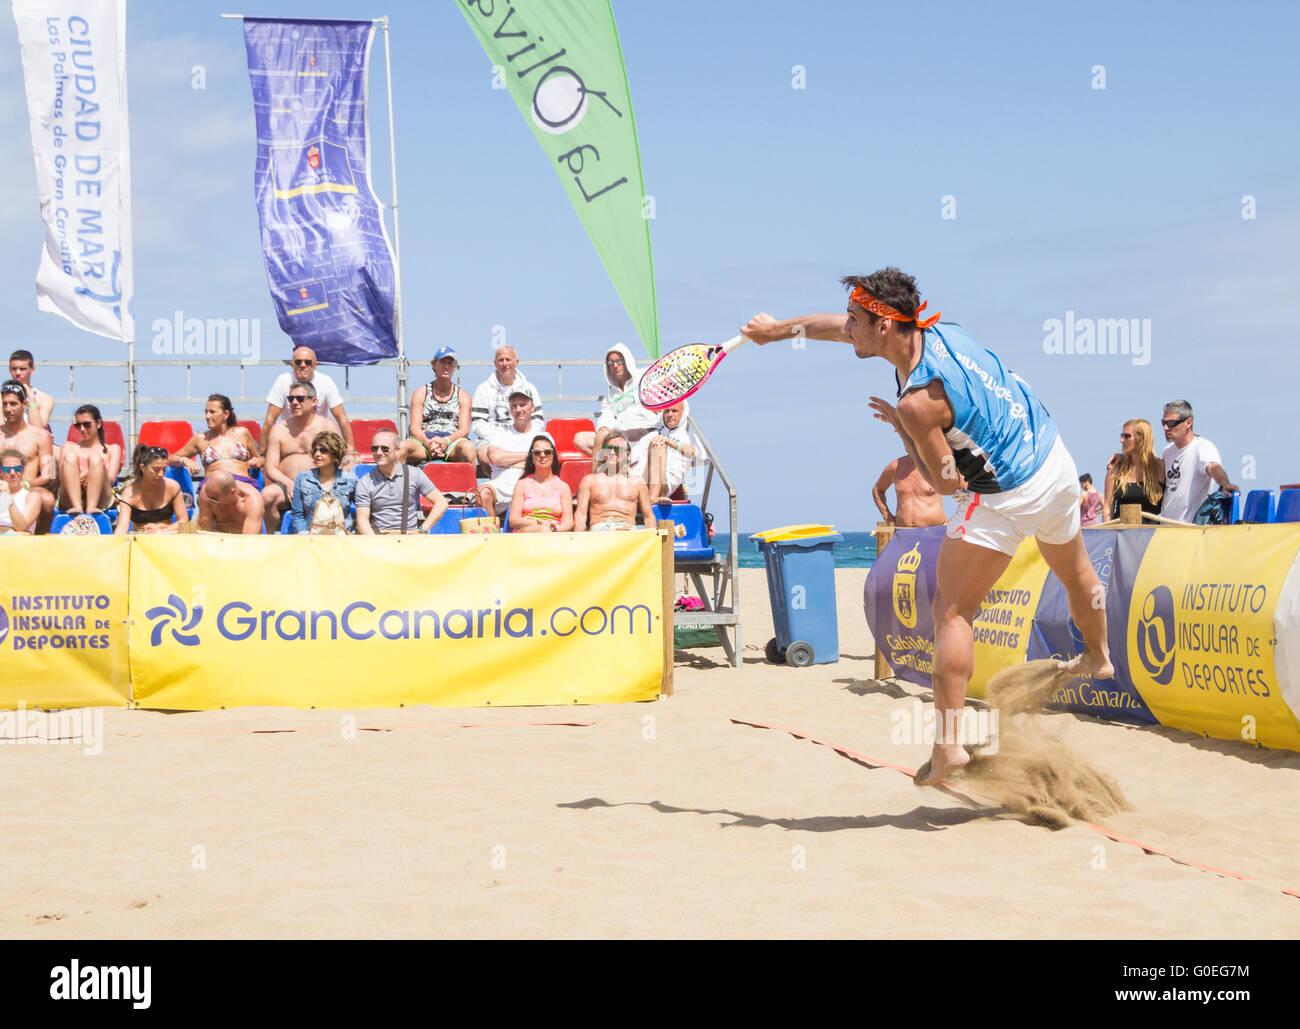 Torneo internacional de tenis de playa. Foto de stock